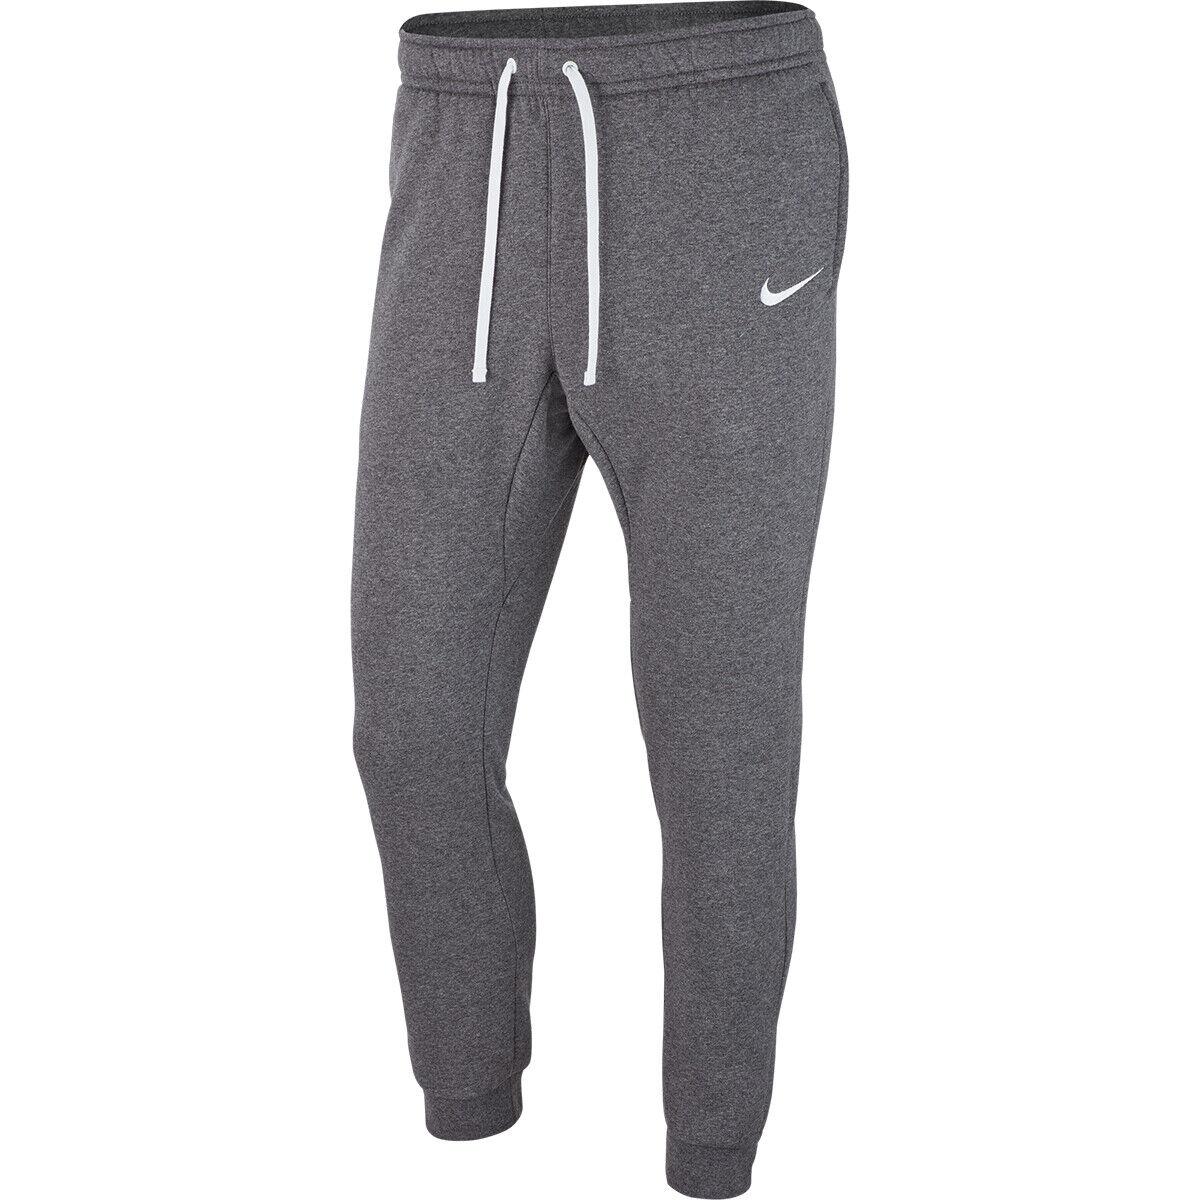 5f12876b47fab8 Nike Jogginghose Grau Test Vergleich +++ Nike Jogginghose Grau ...